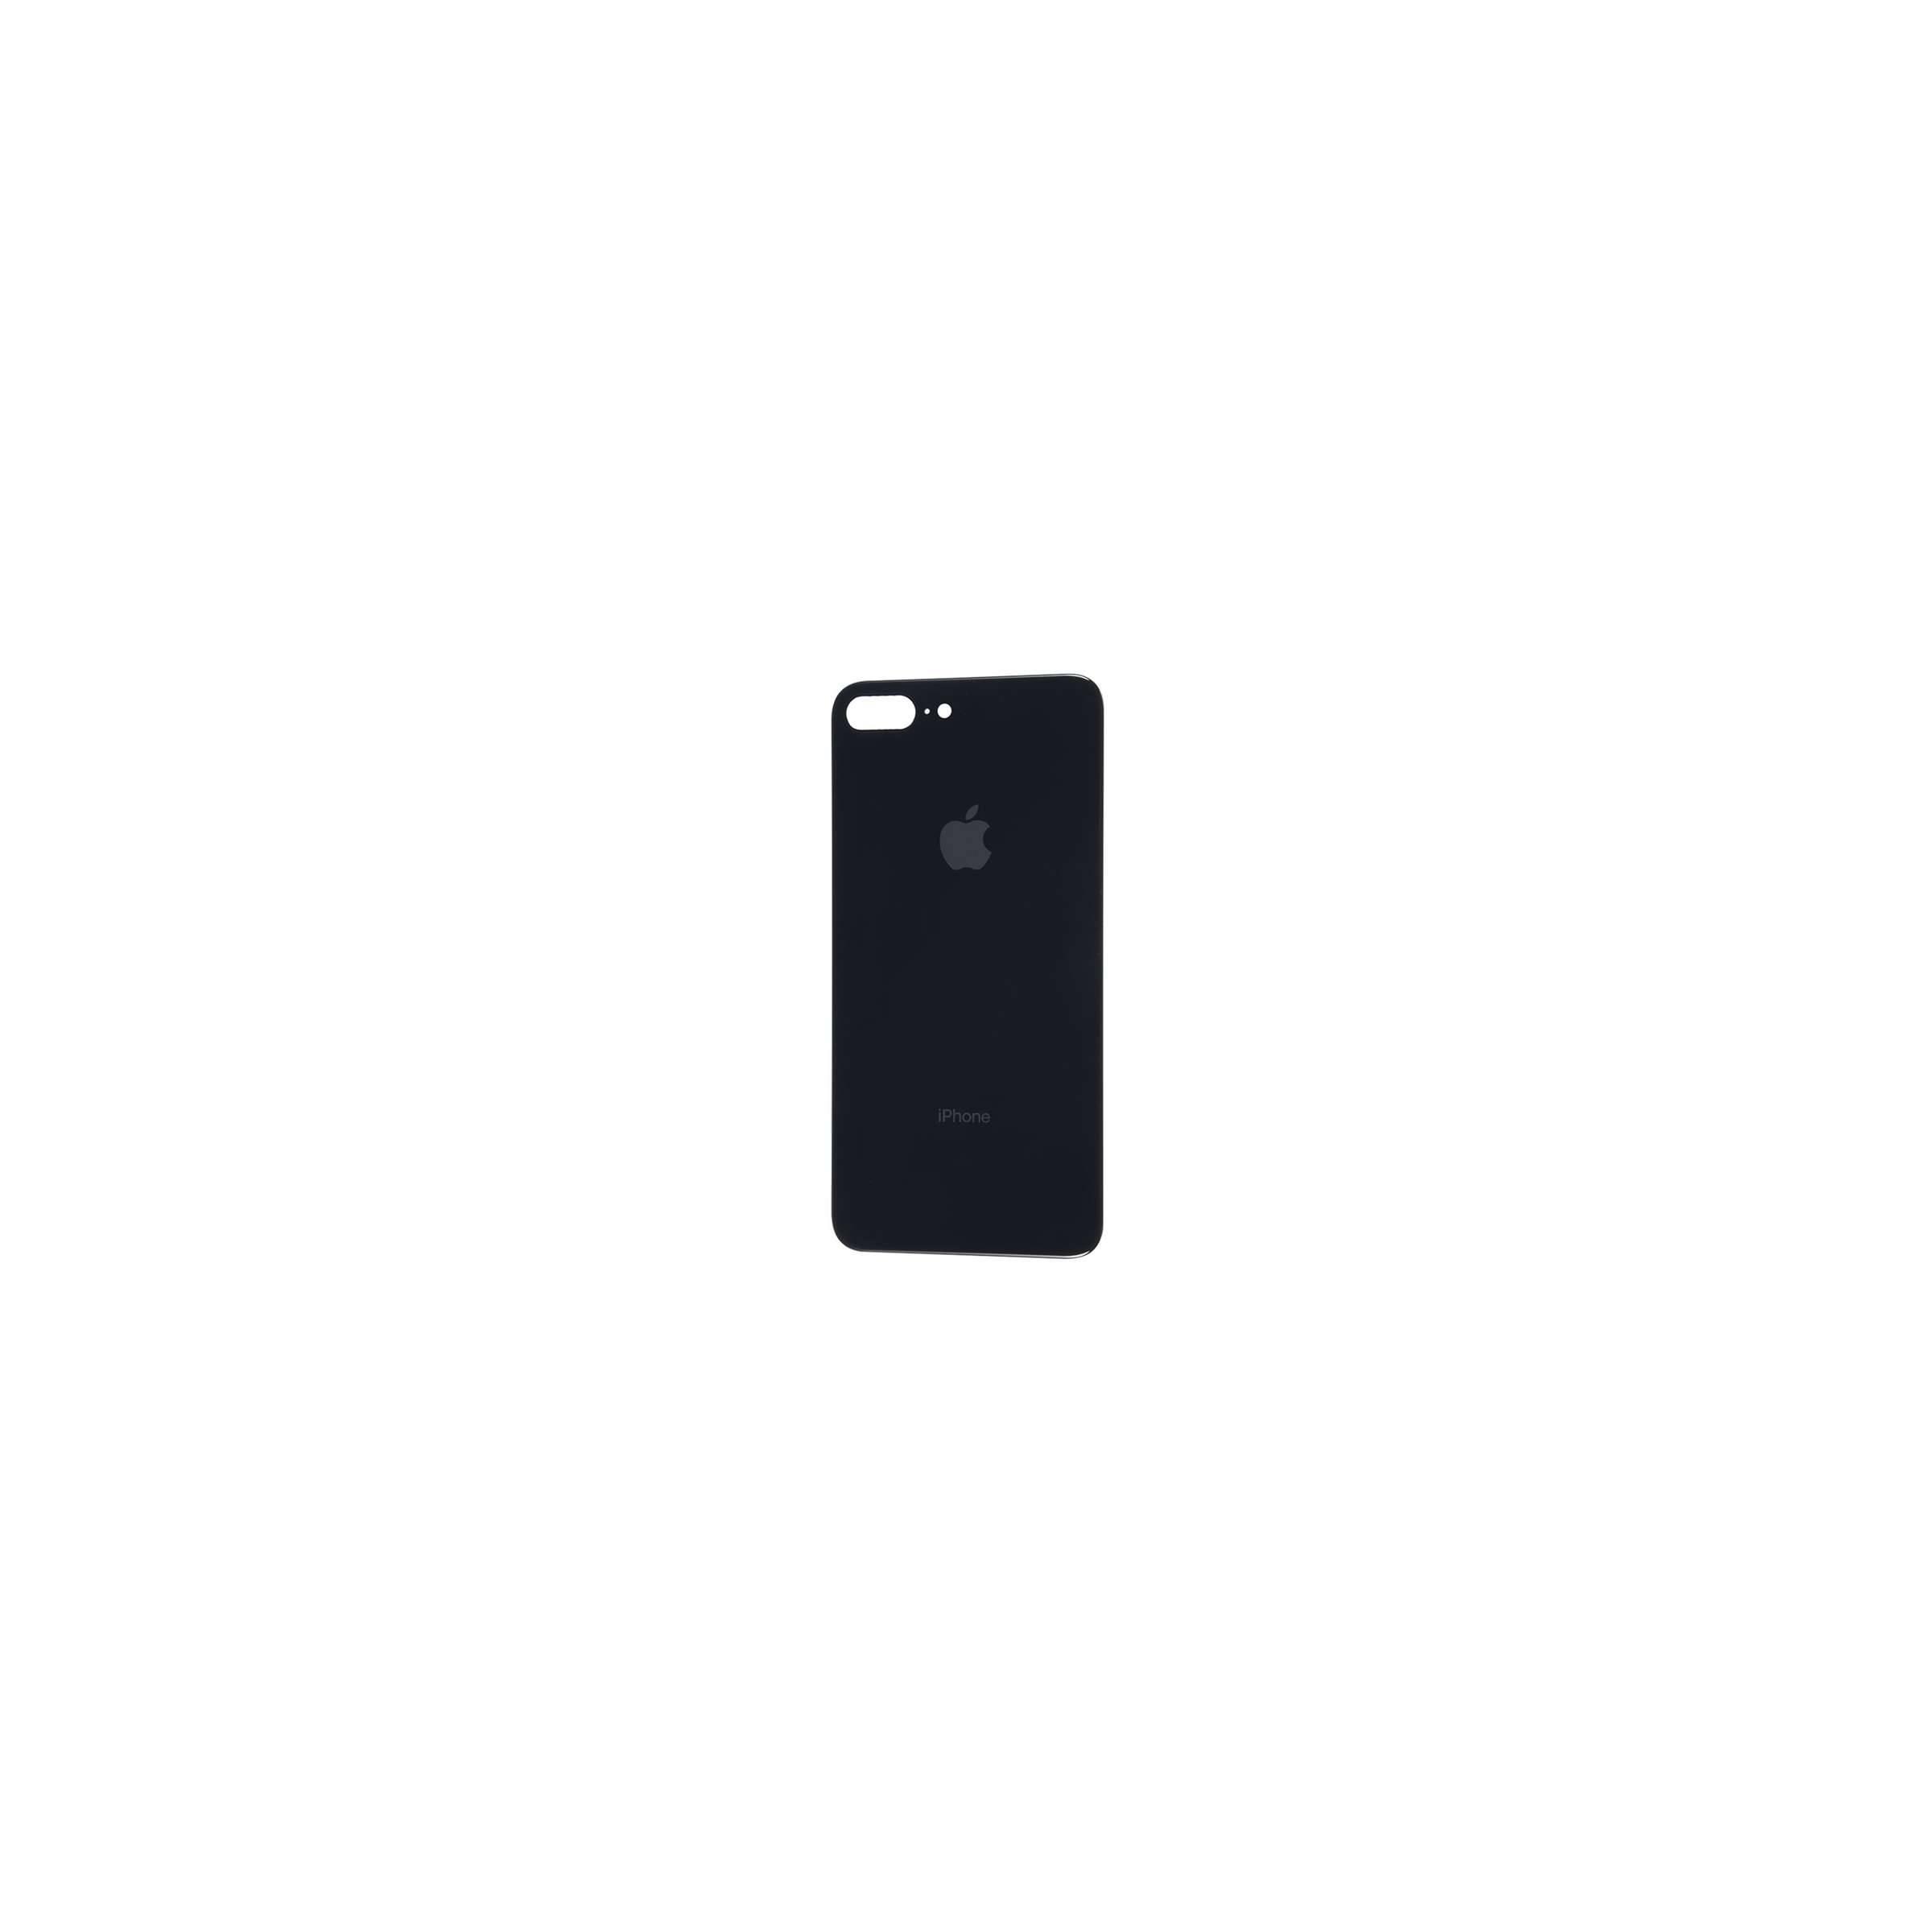 sinox – Iphone 8 plus bagglas i høj kvalitet farve sort på mackabler.dk